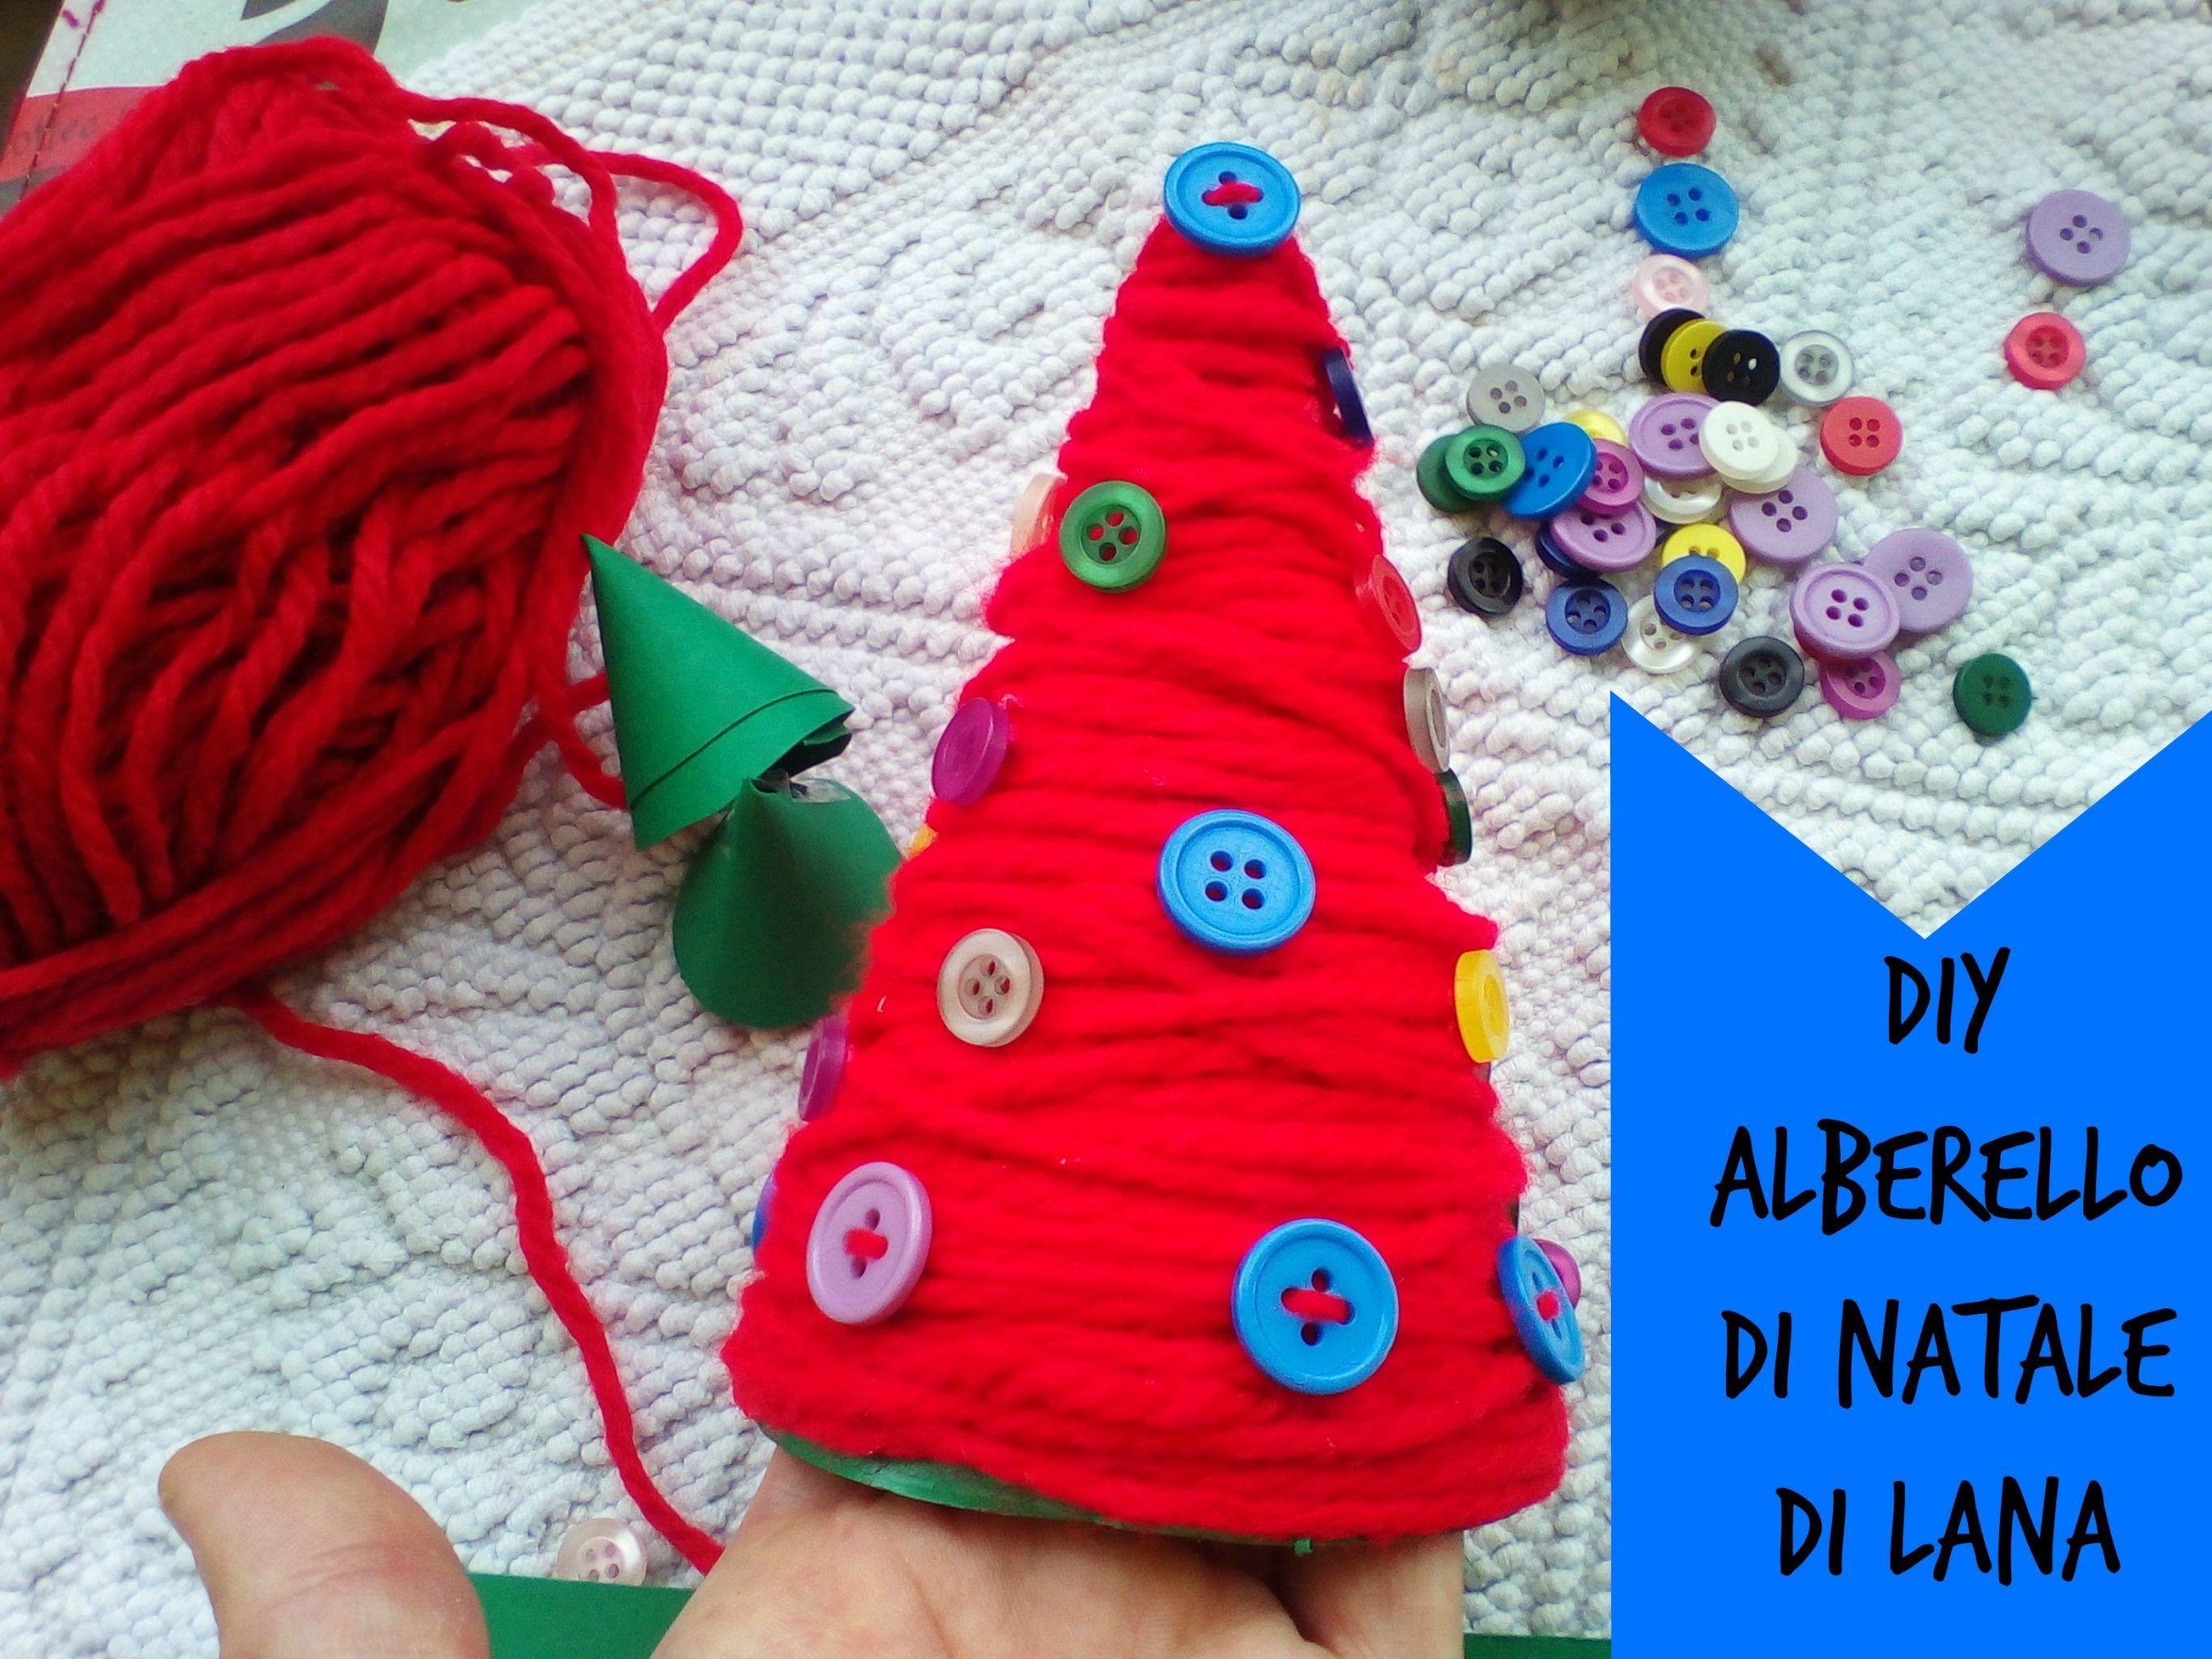 Idee Di Riciclo Per Natale riciclo creativo: realizzare un albero di natale di lana